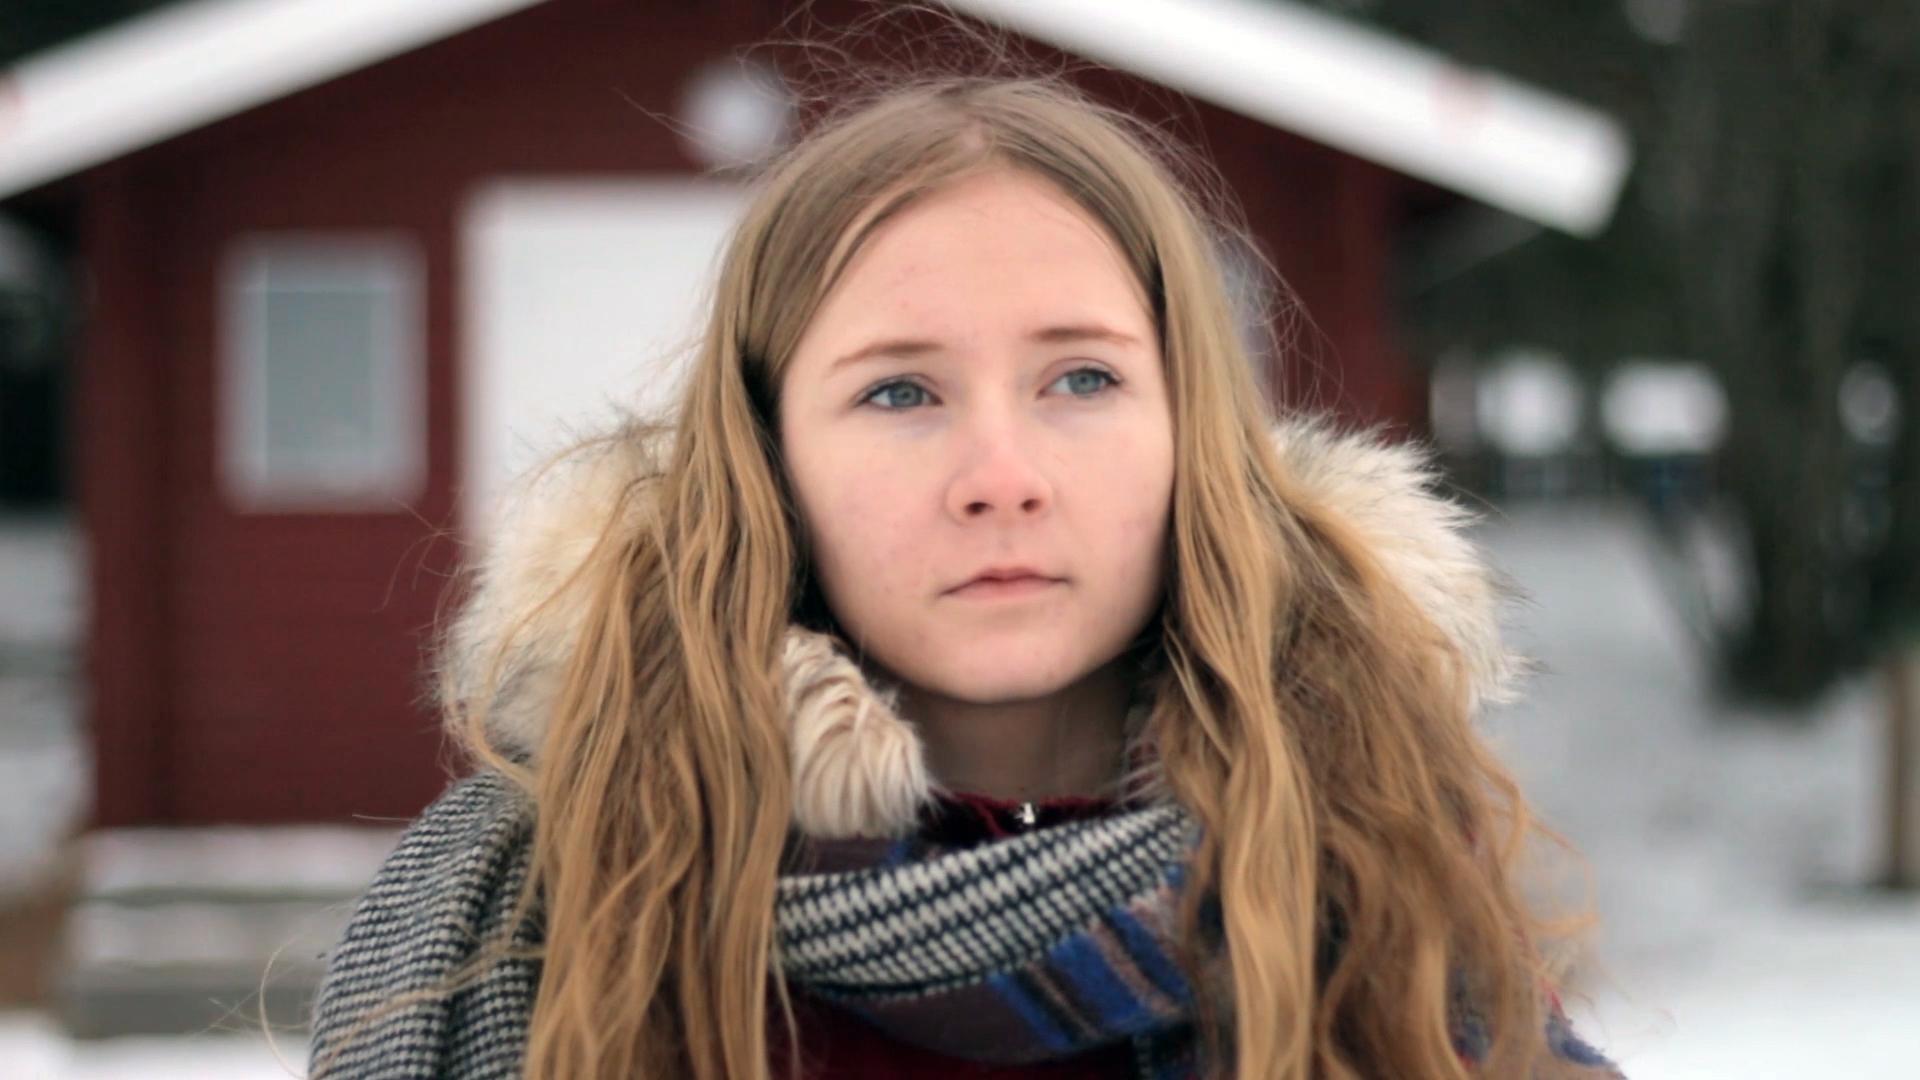 İnfra Kısa Film - İsveç